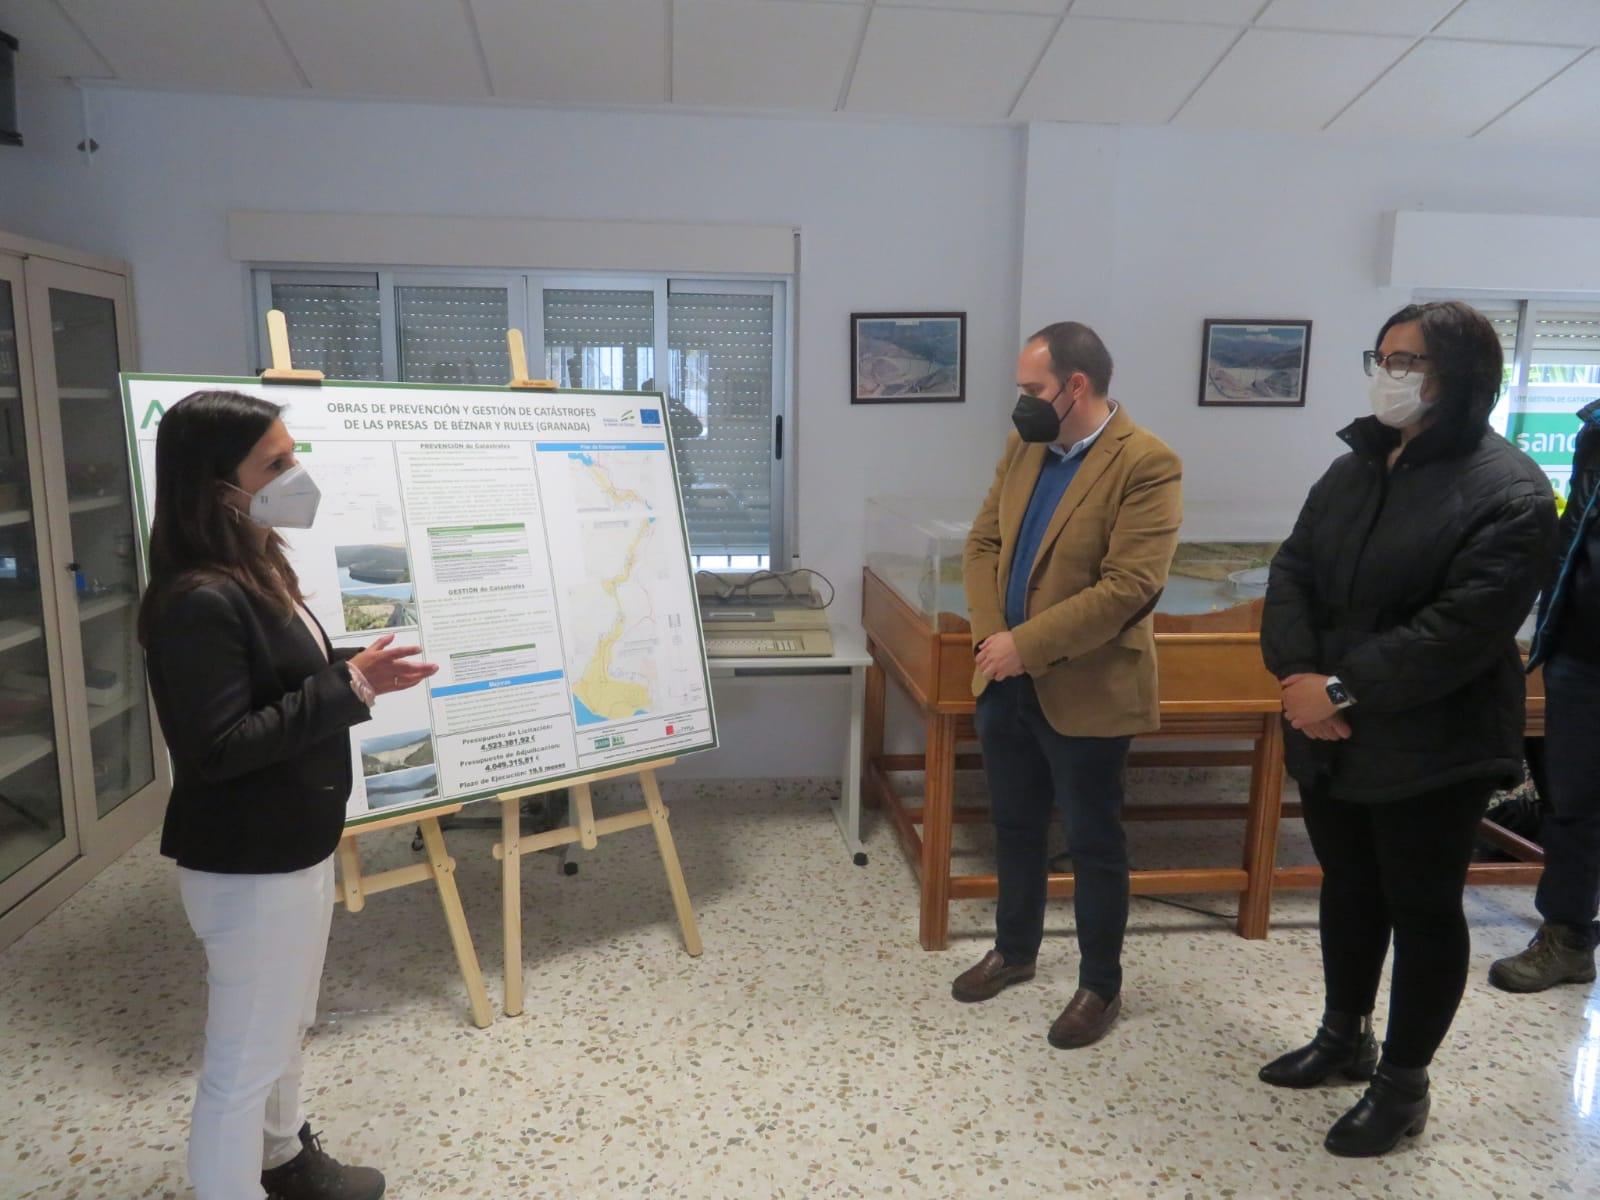 Las presas de Béznar y Rules contarán con una inversión de 4 millones de euros para mejorar la seguridad